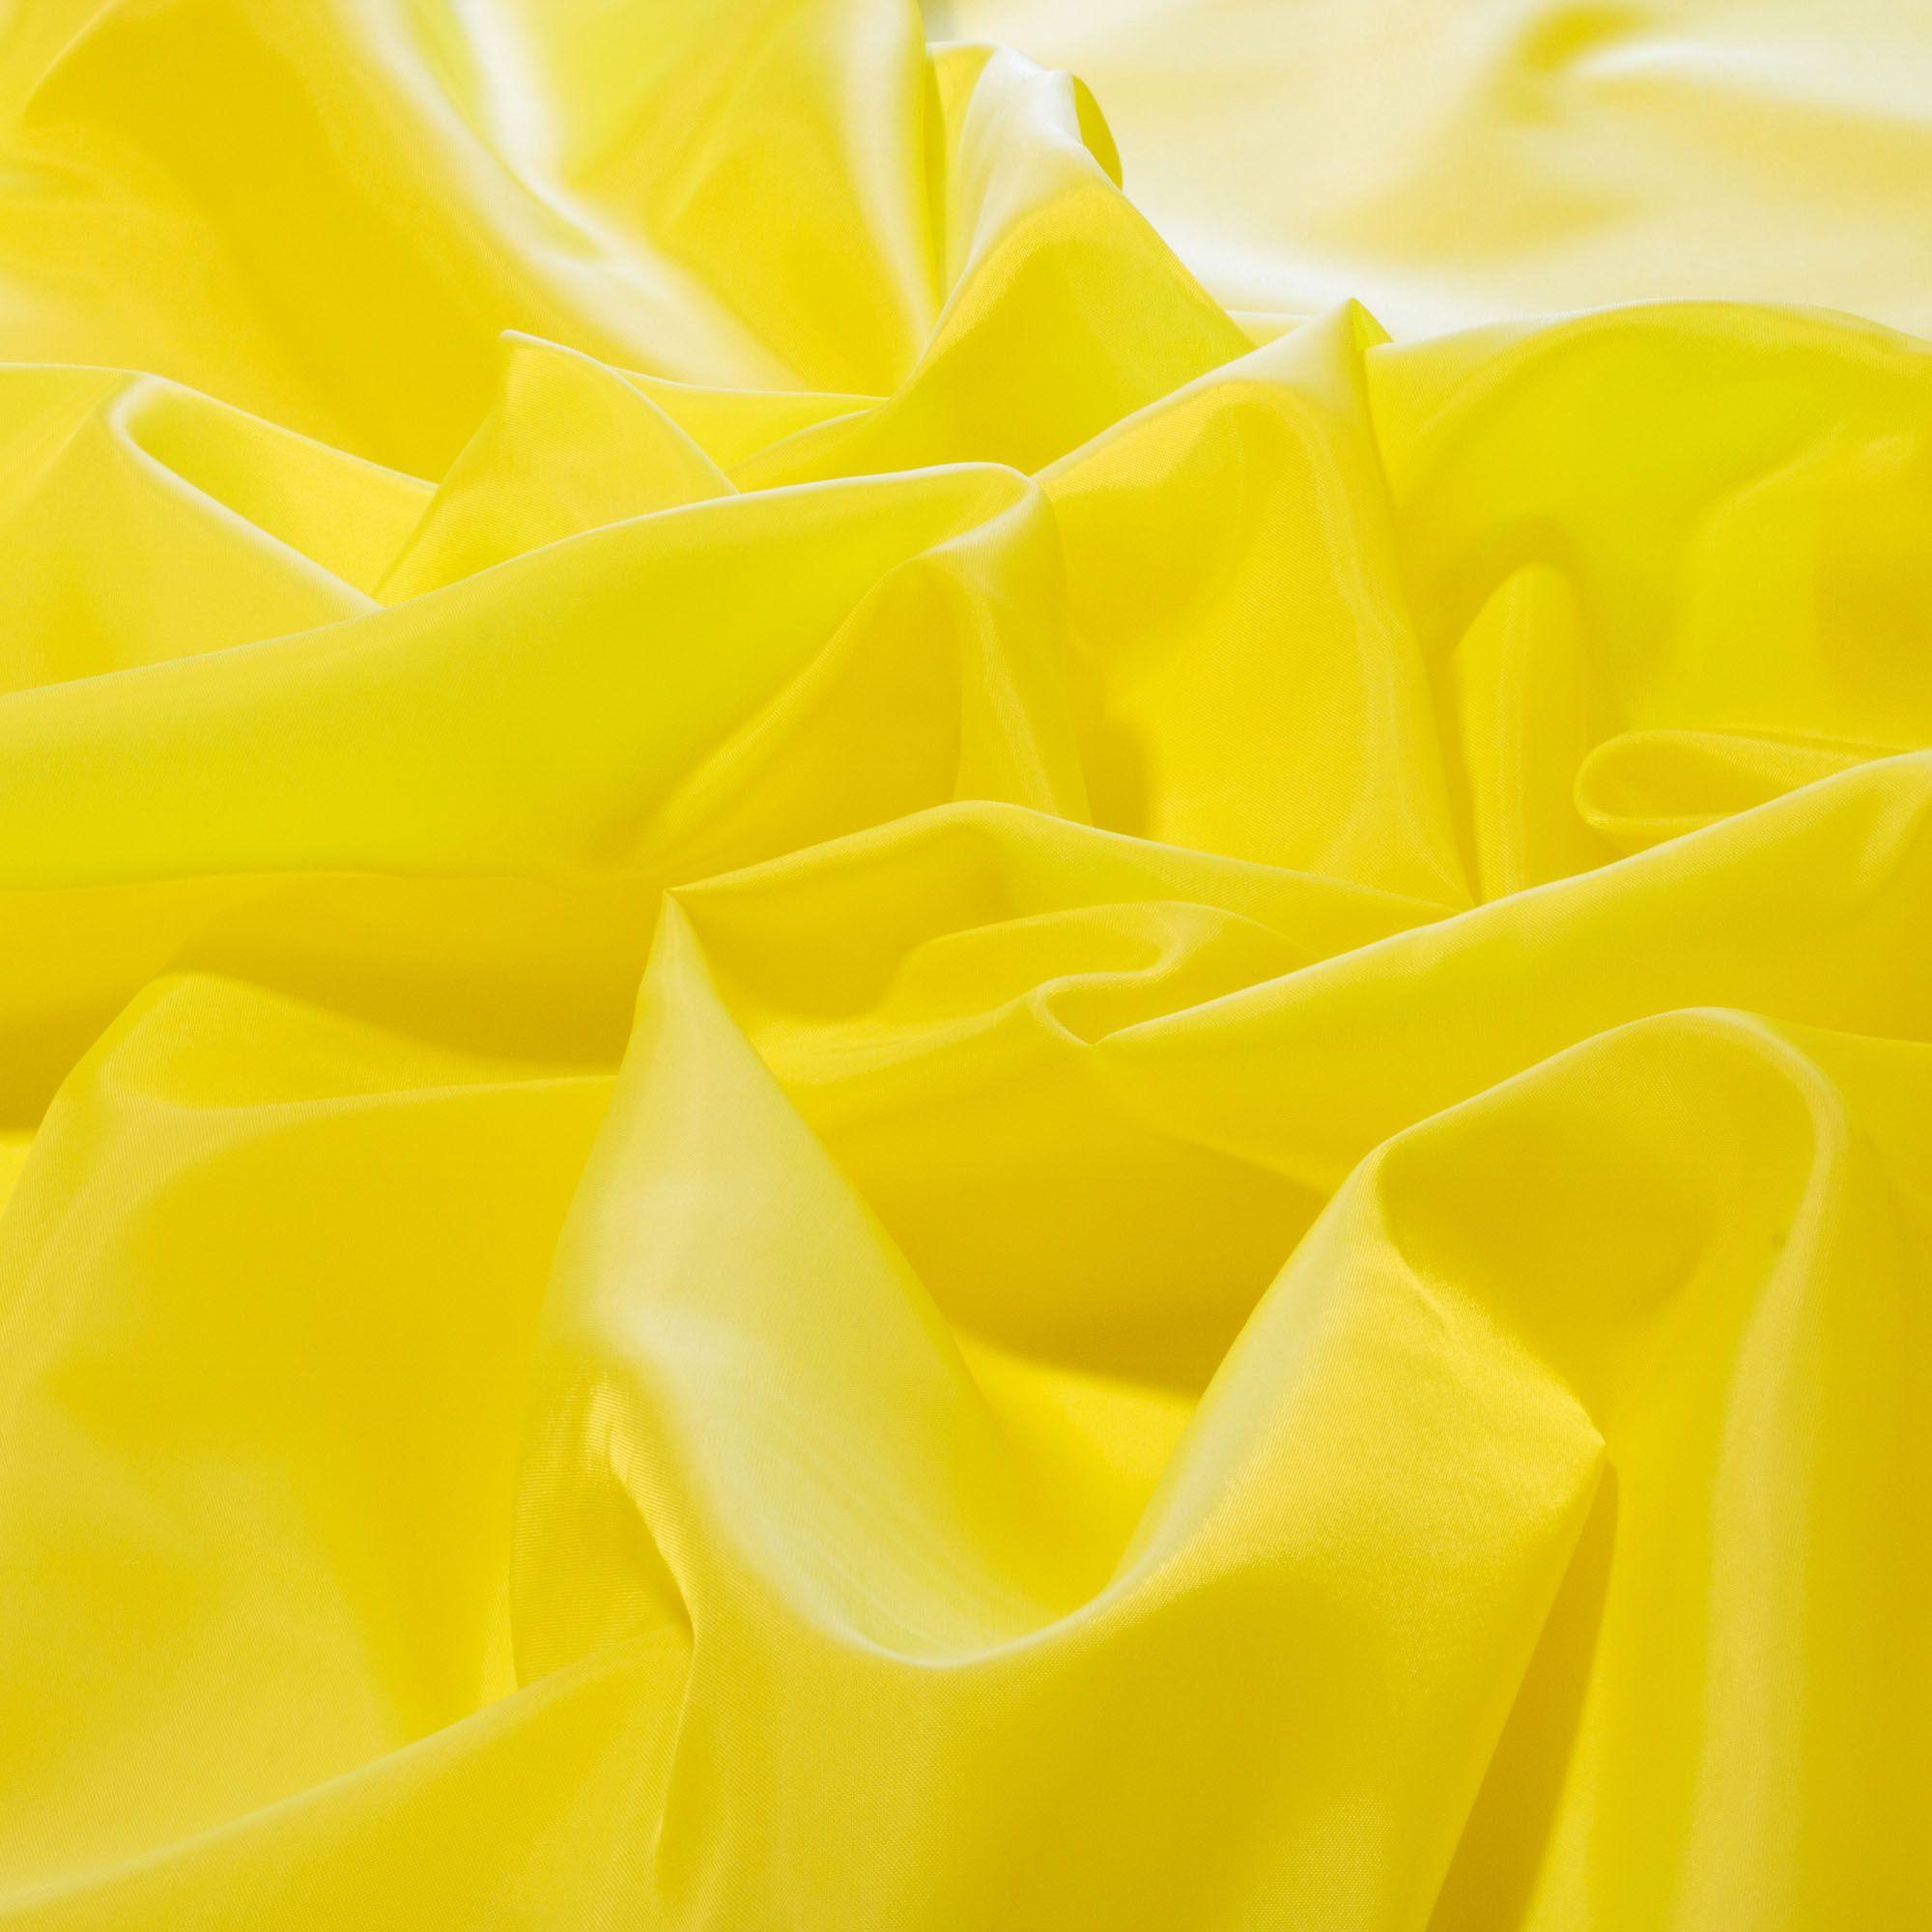 Tecido Forro Bember 100%Poliester 1,50m Largura Amarelo